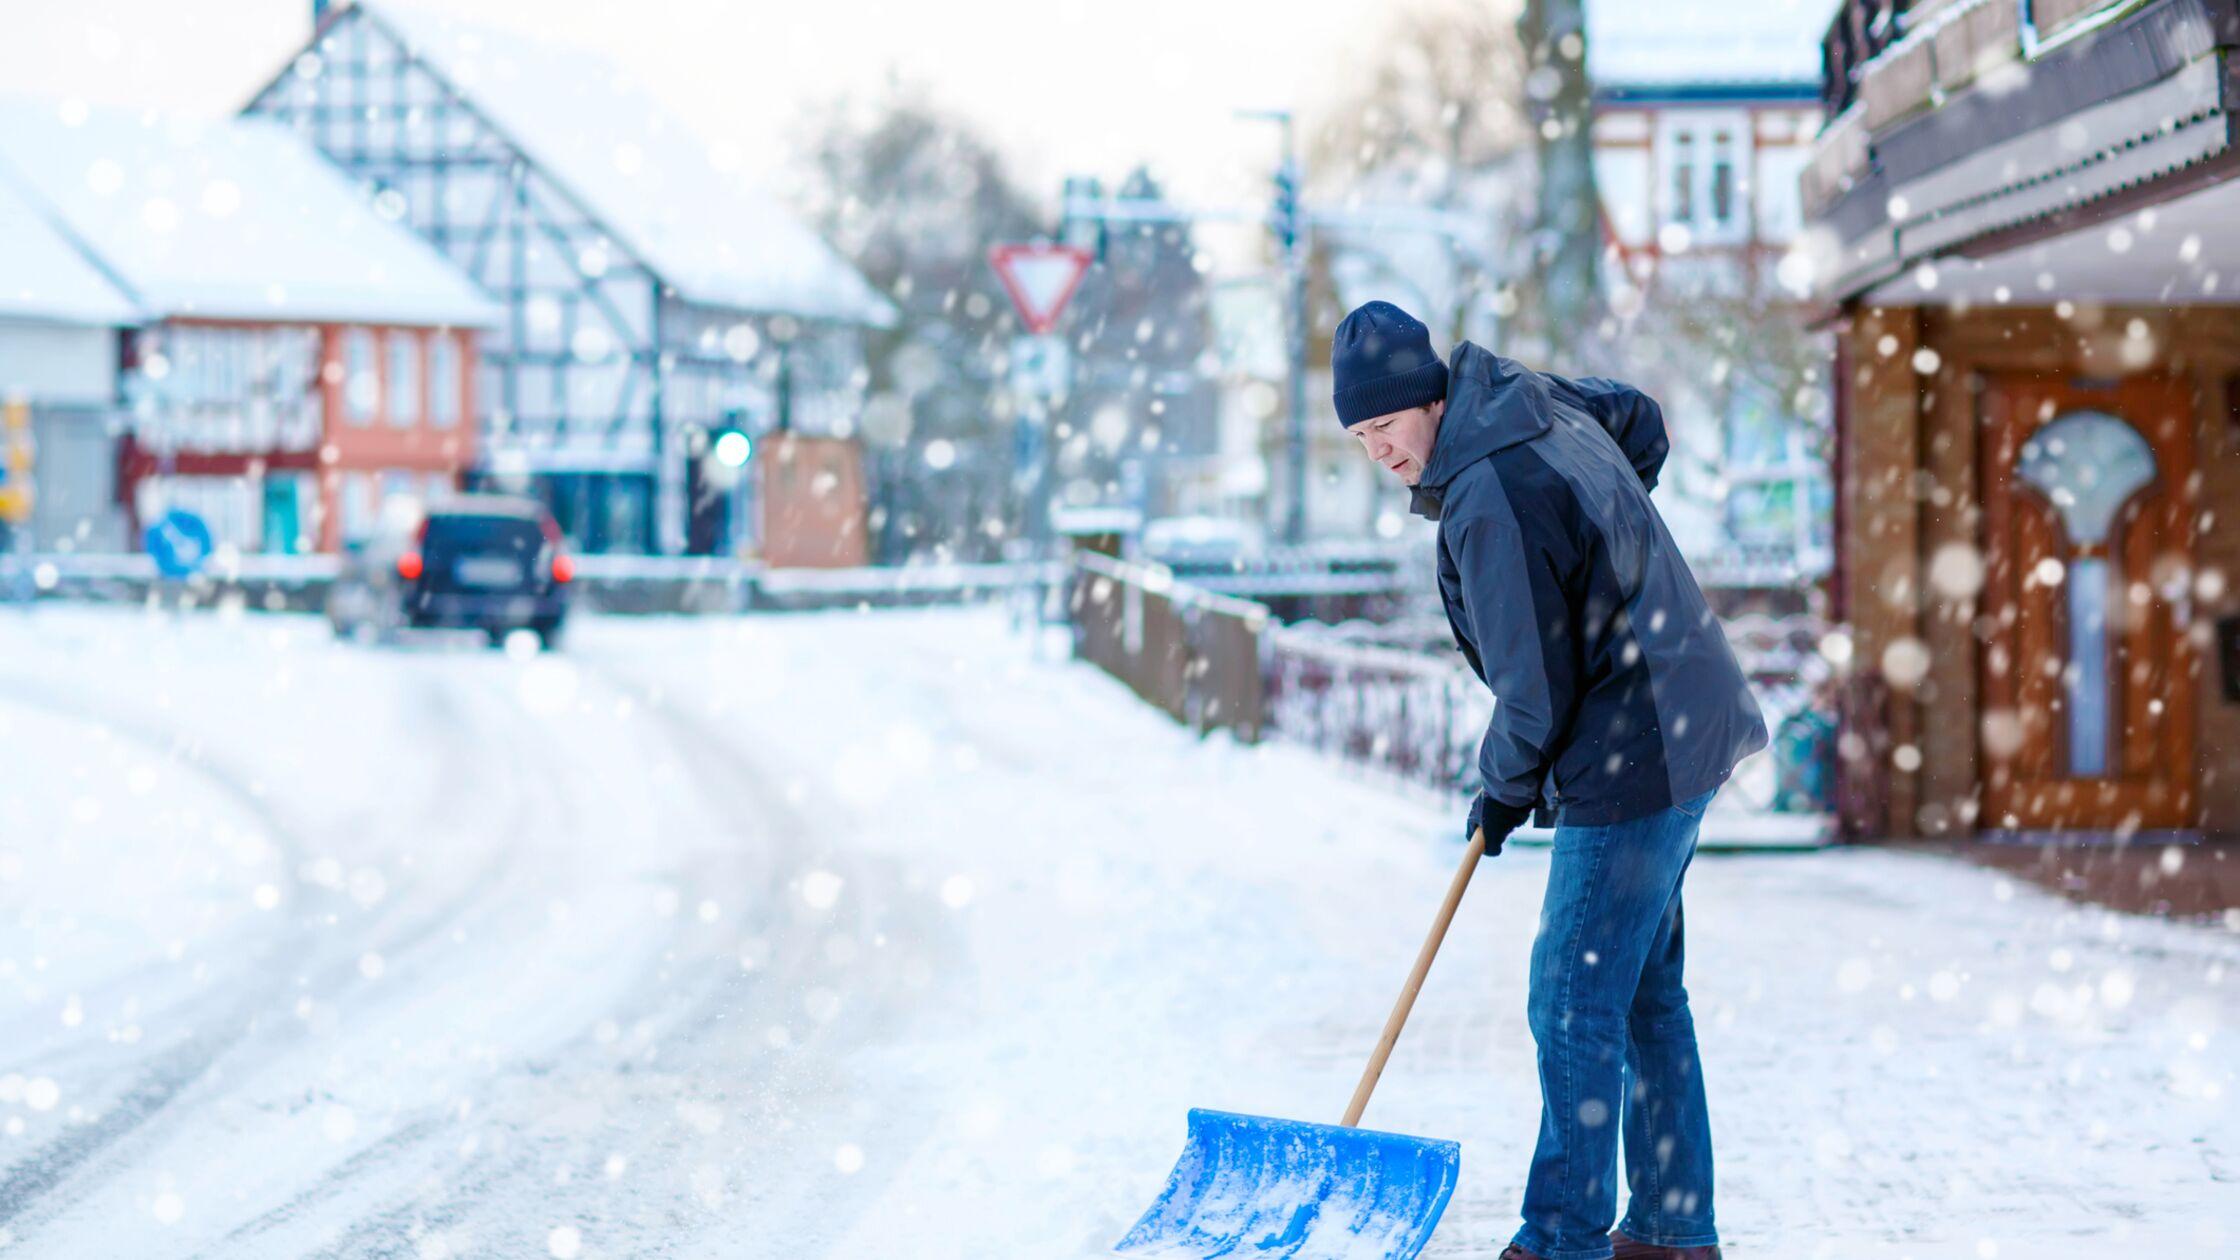 Mann räumt Schnee im Winter mit Schaufel